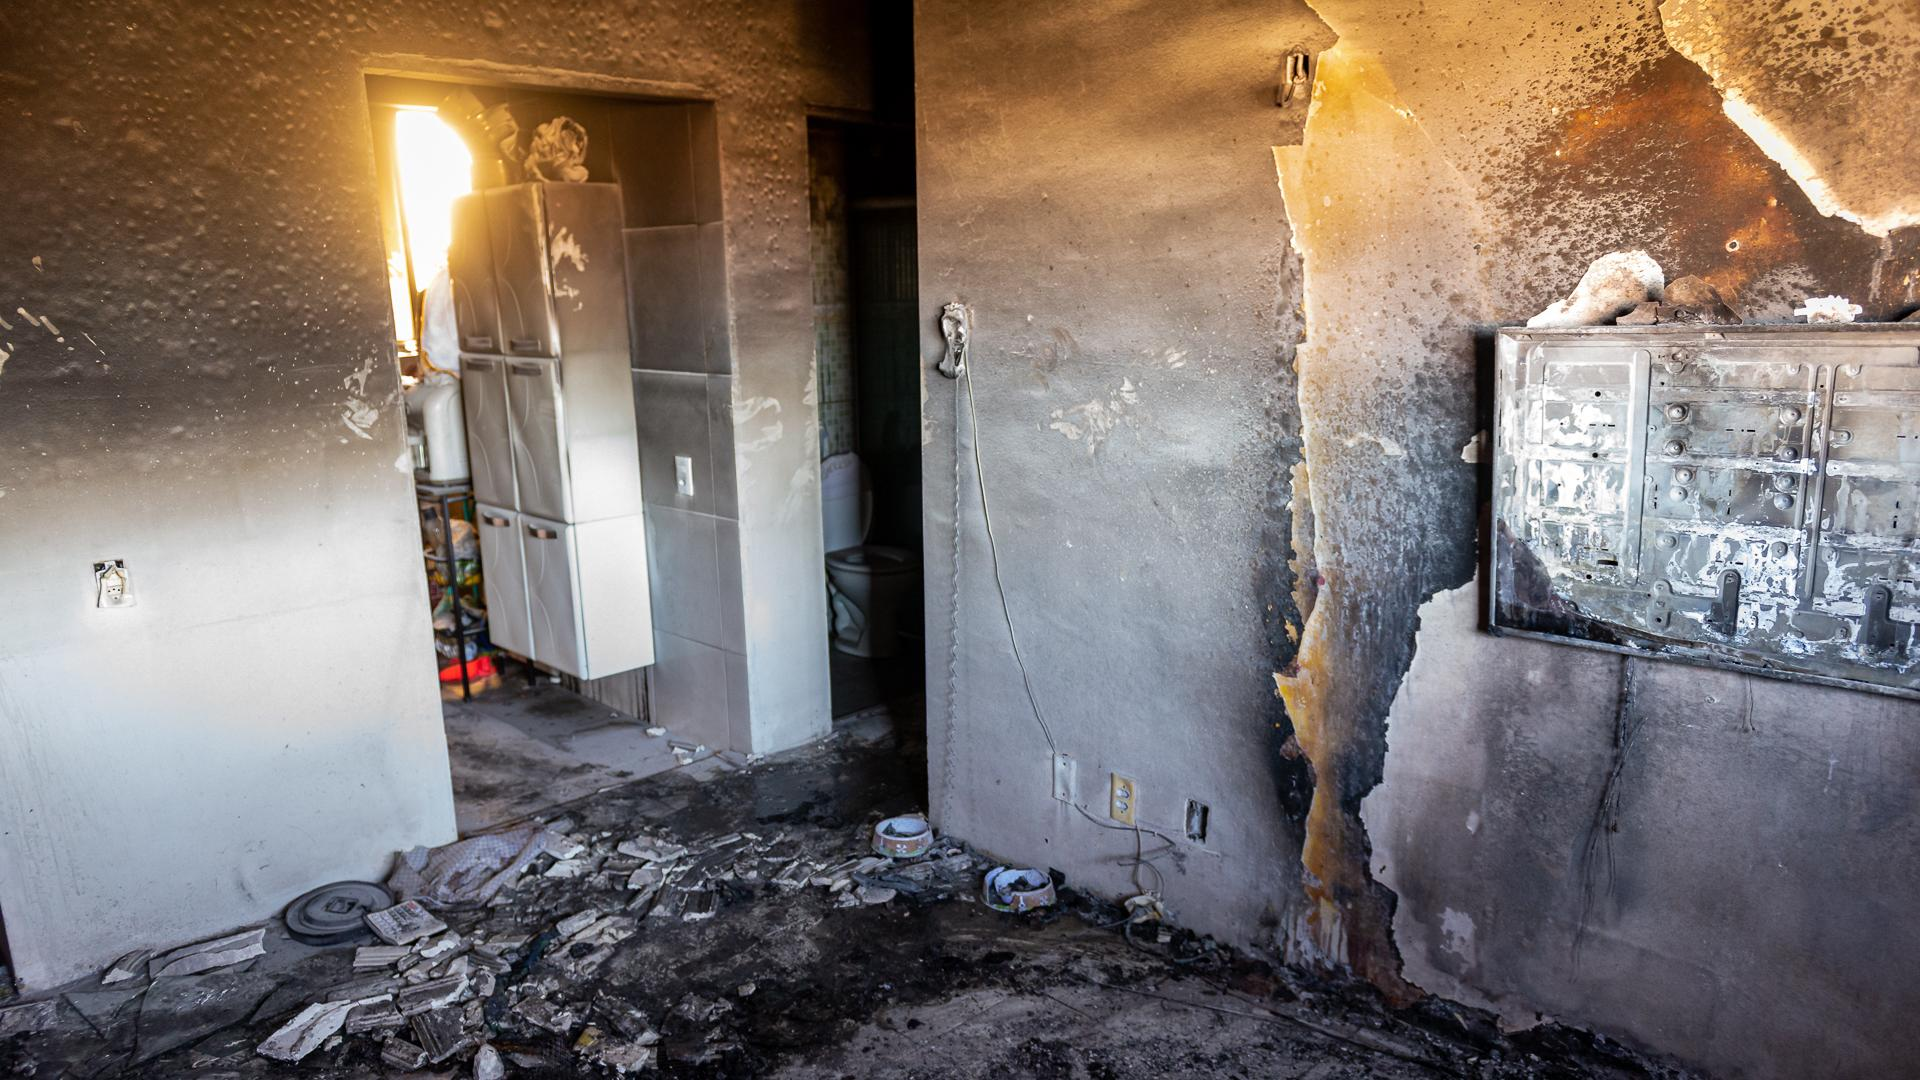 O incêndio danificou duas televisões, um sofá, um rack, dois ventiladores, um aparelho de som, um ar condicionado, um notebook e toda parte elétrica do apartamento